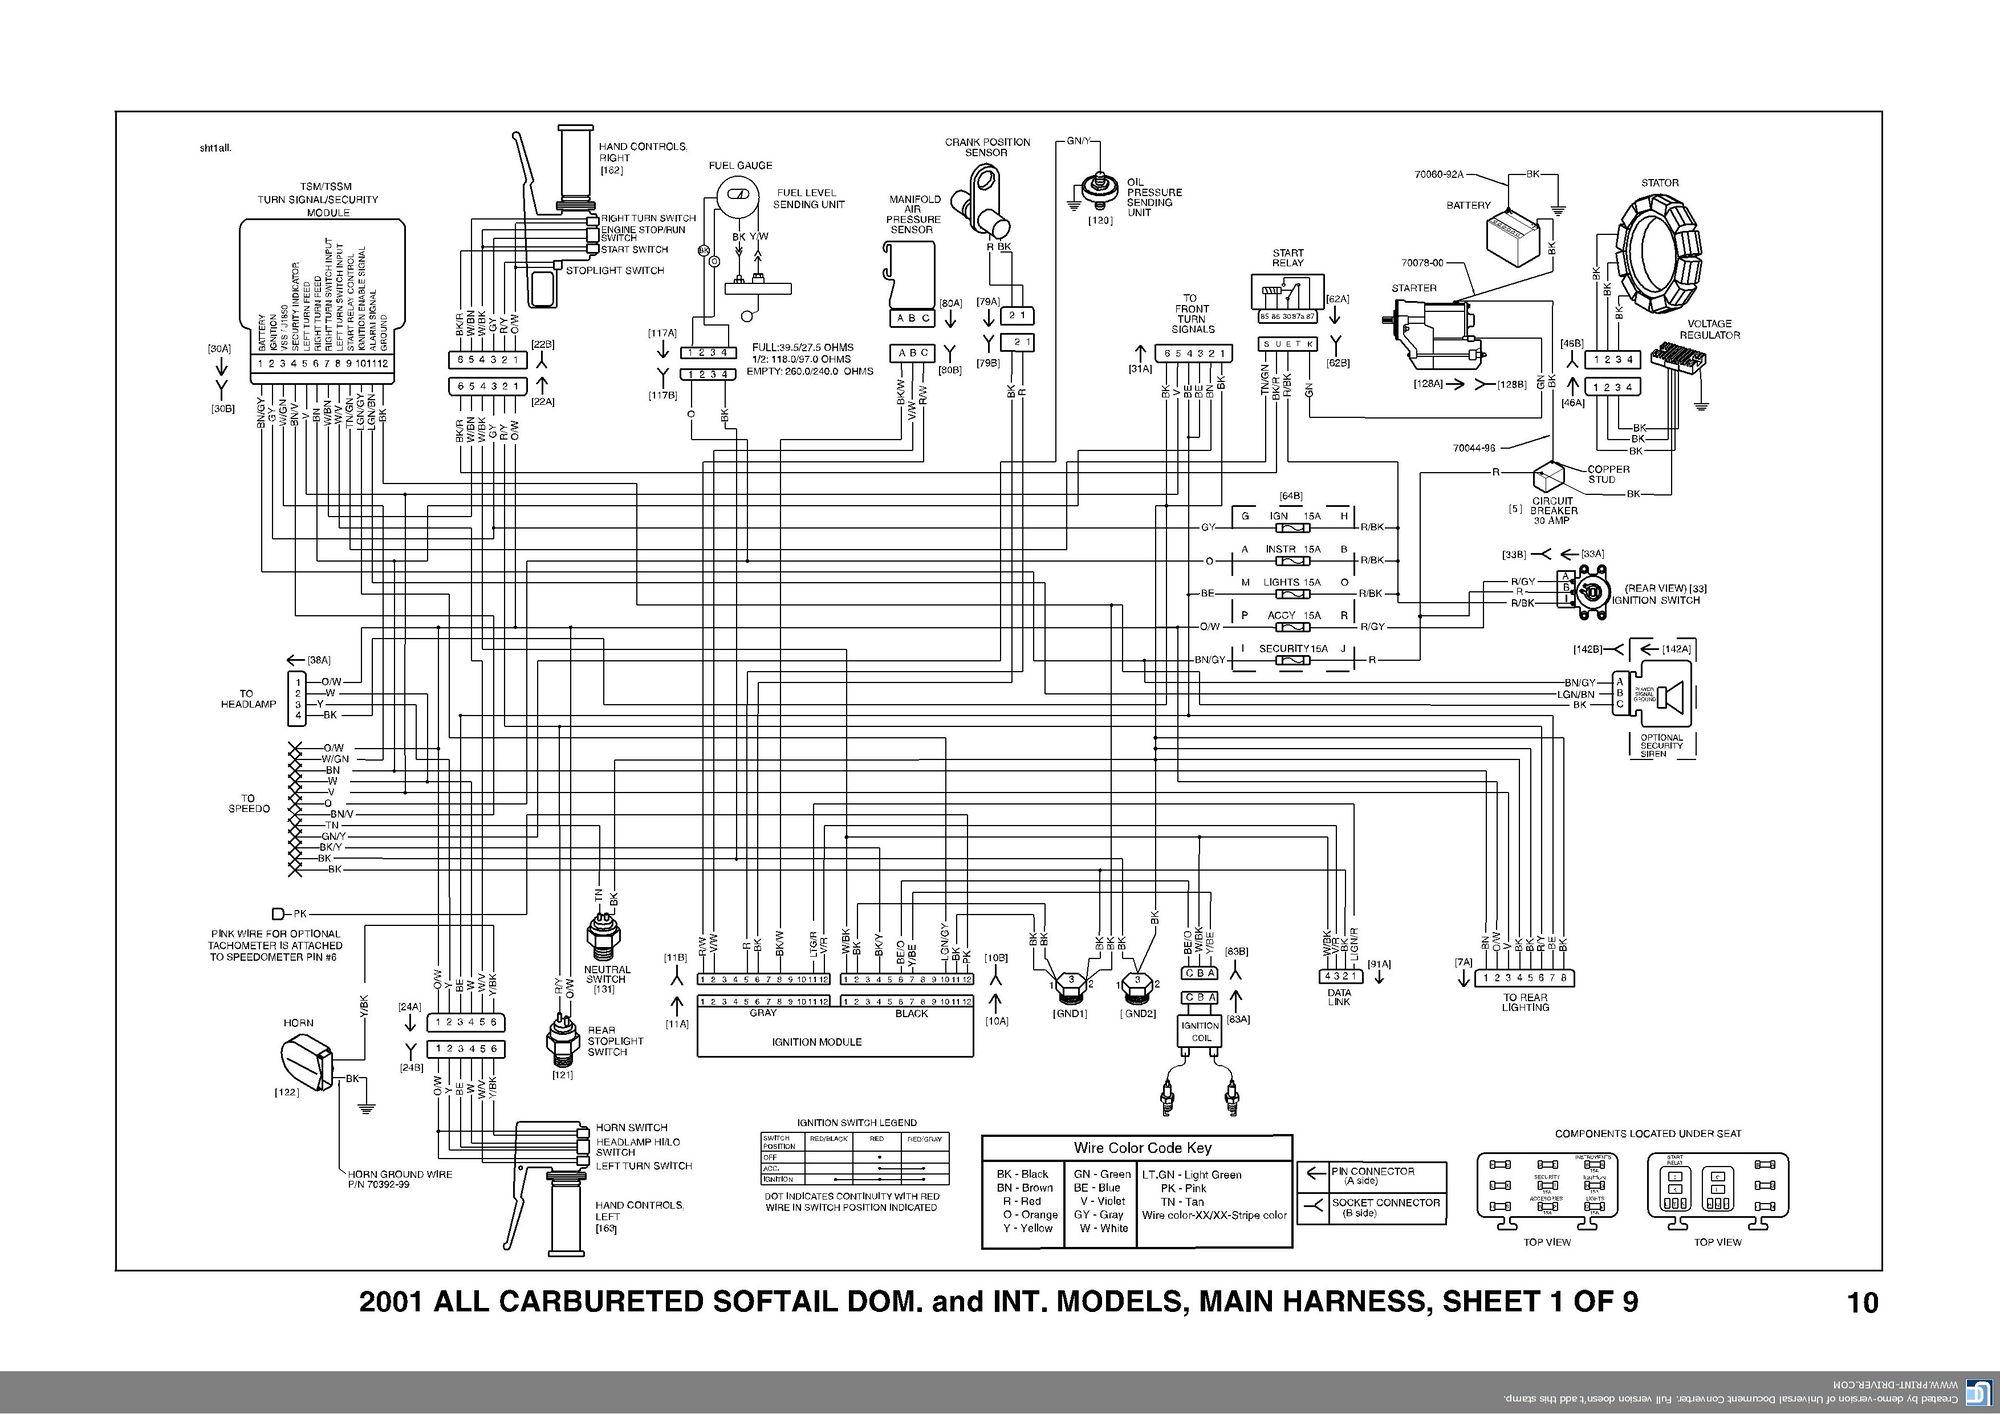 1987 Bmw 325i Engine Fuel System Ignition Switch